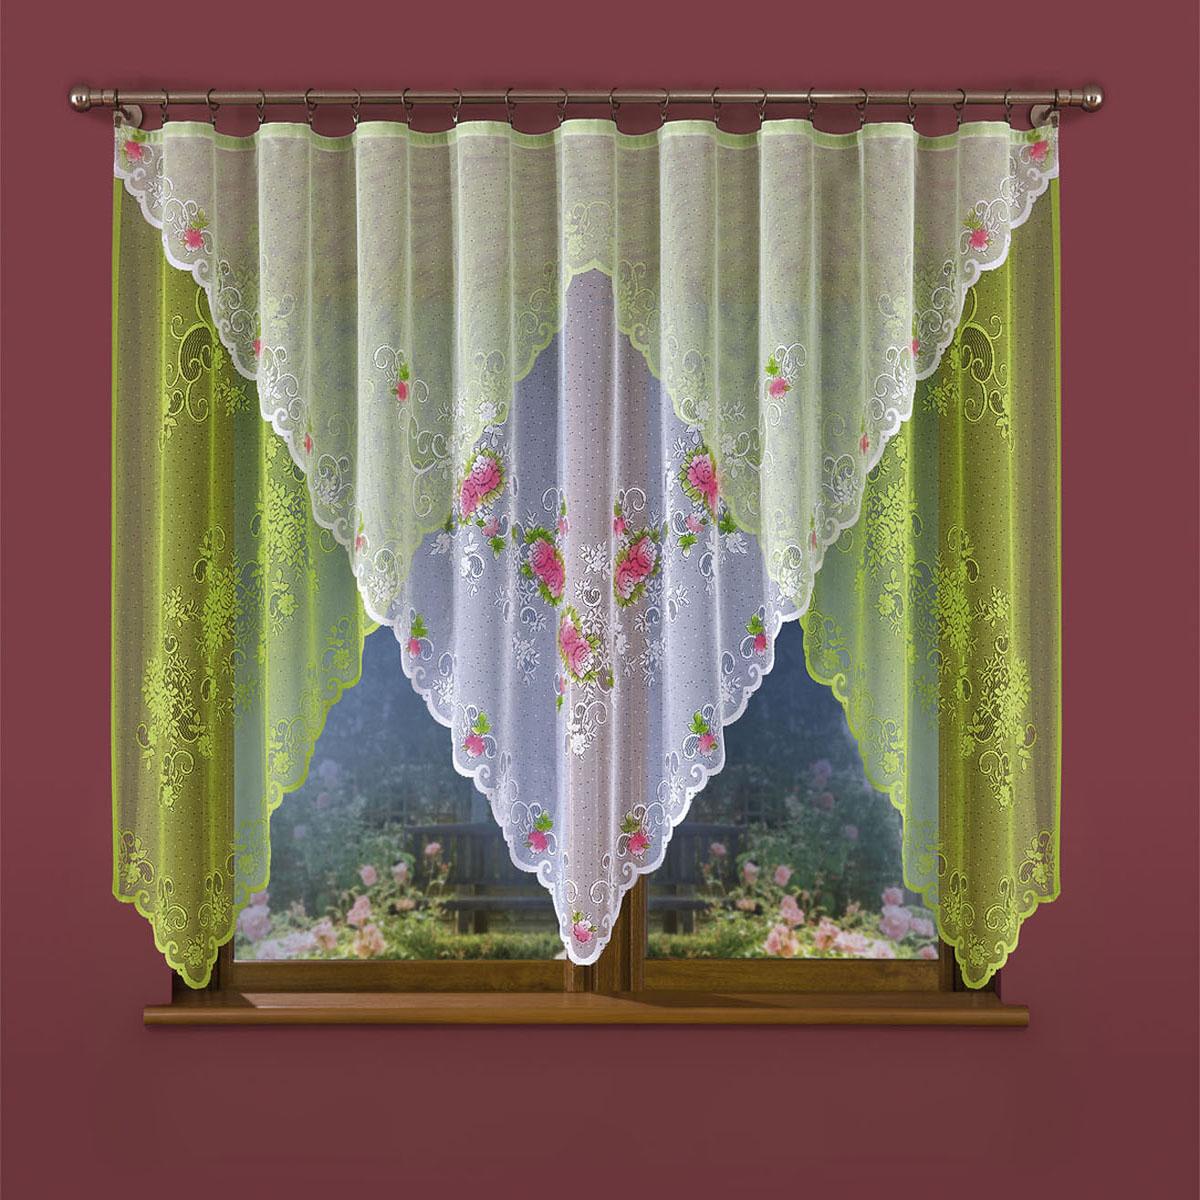 Гардина Wisan, цвет: белый, зеленый, ширина 300 см, высота 150 см. 655W46991/250 розовыйвид крепления - под зажимы для шторРазмеры: ширина 300*высота 150